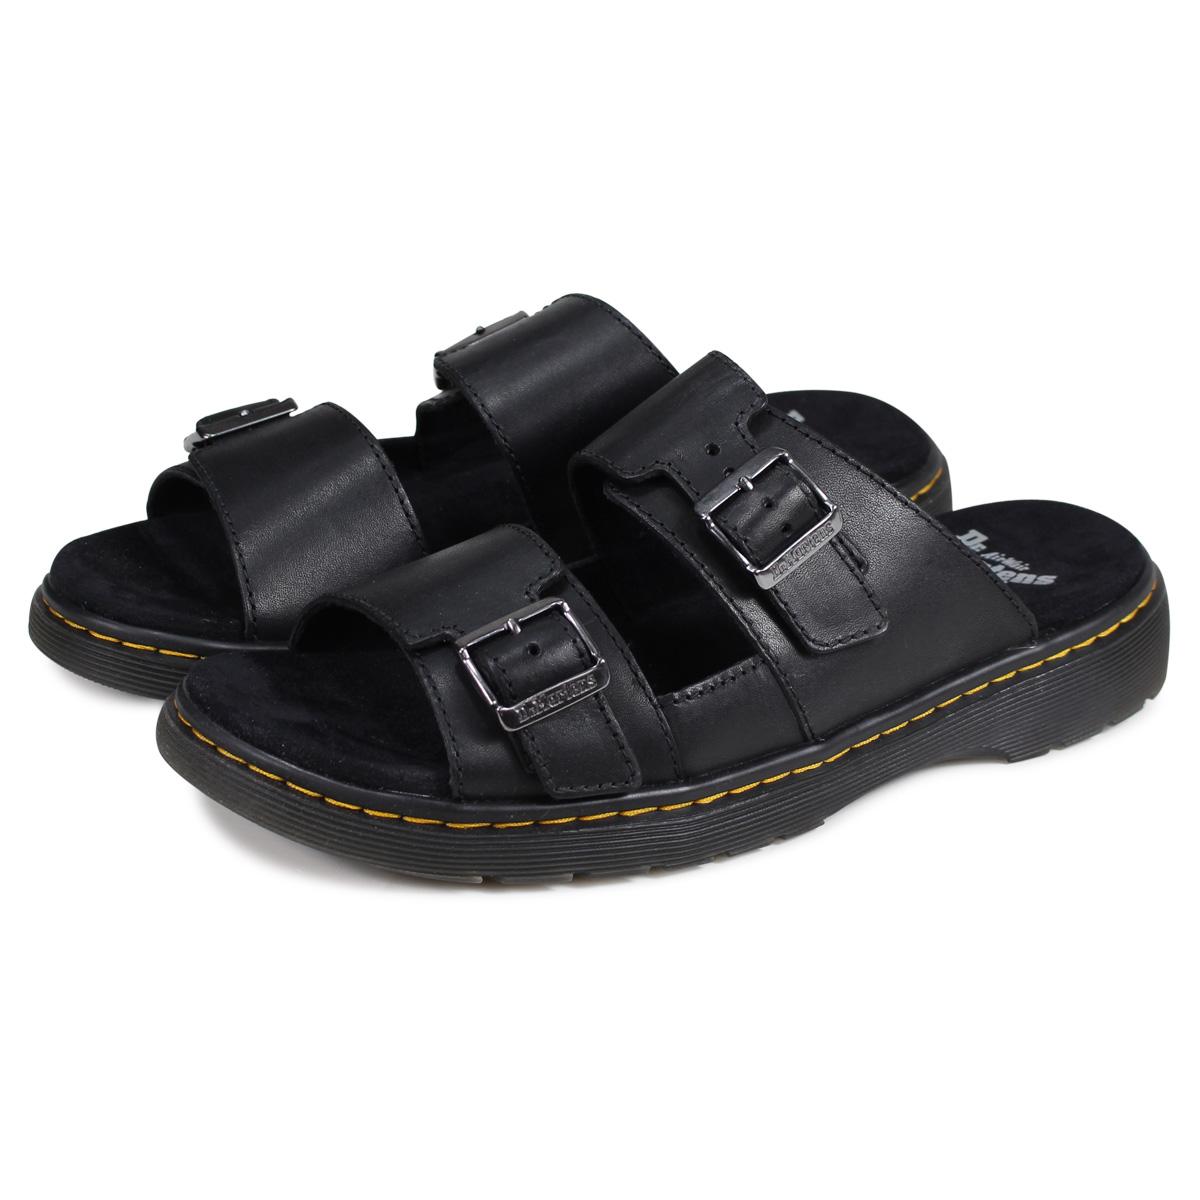 【決算SALE】 Dr.Martens NIKOLAI ドクターマーチン サンダル ニコライ ストラップ メンズ レディース ブラック 黒 R24413001